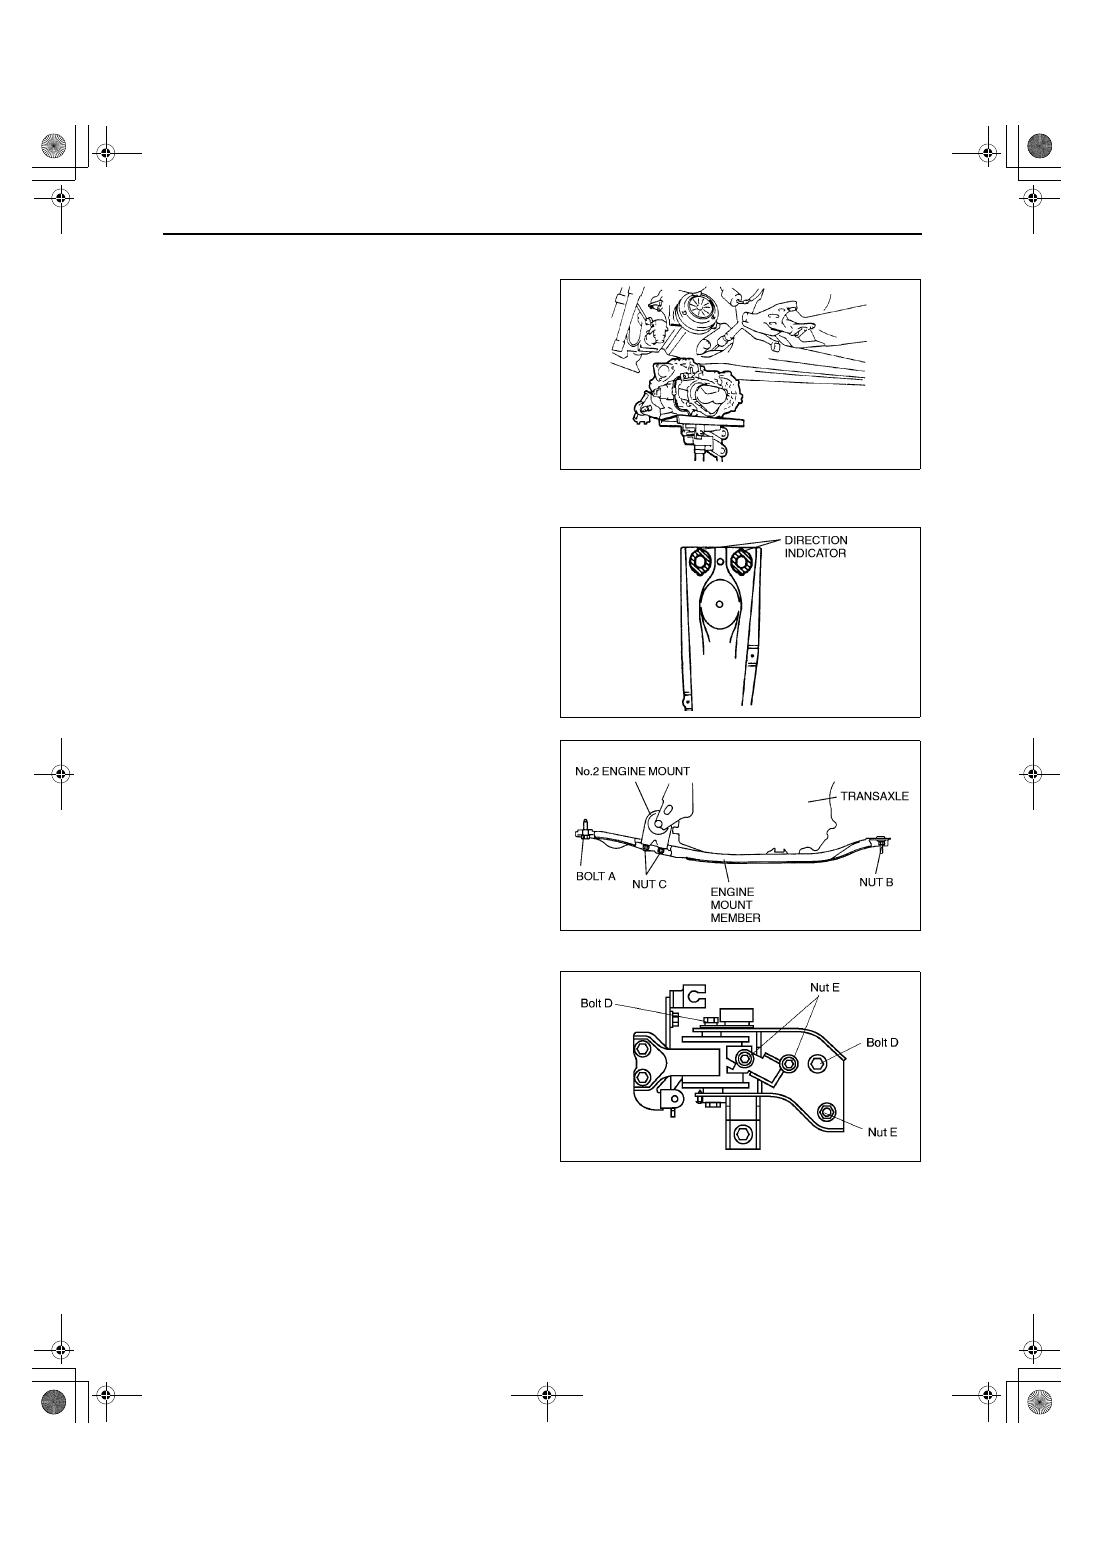 mazda protege 5 manual part 247 rh zinref ru